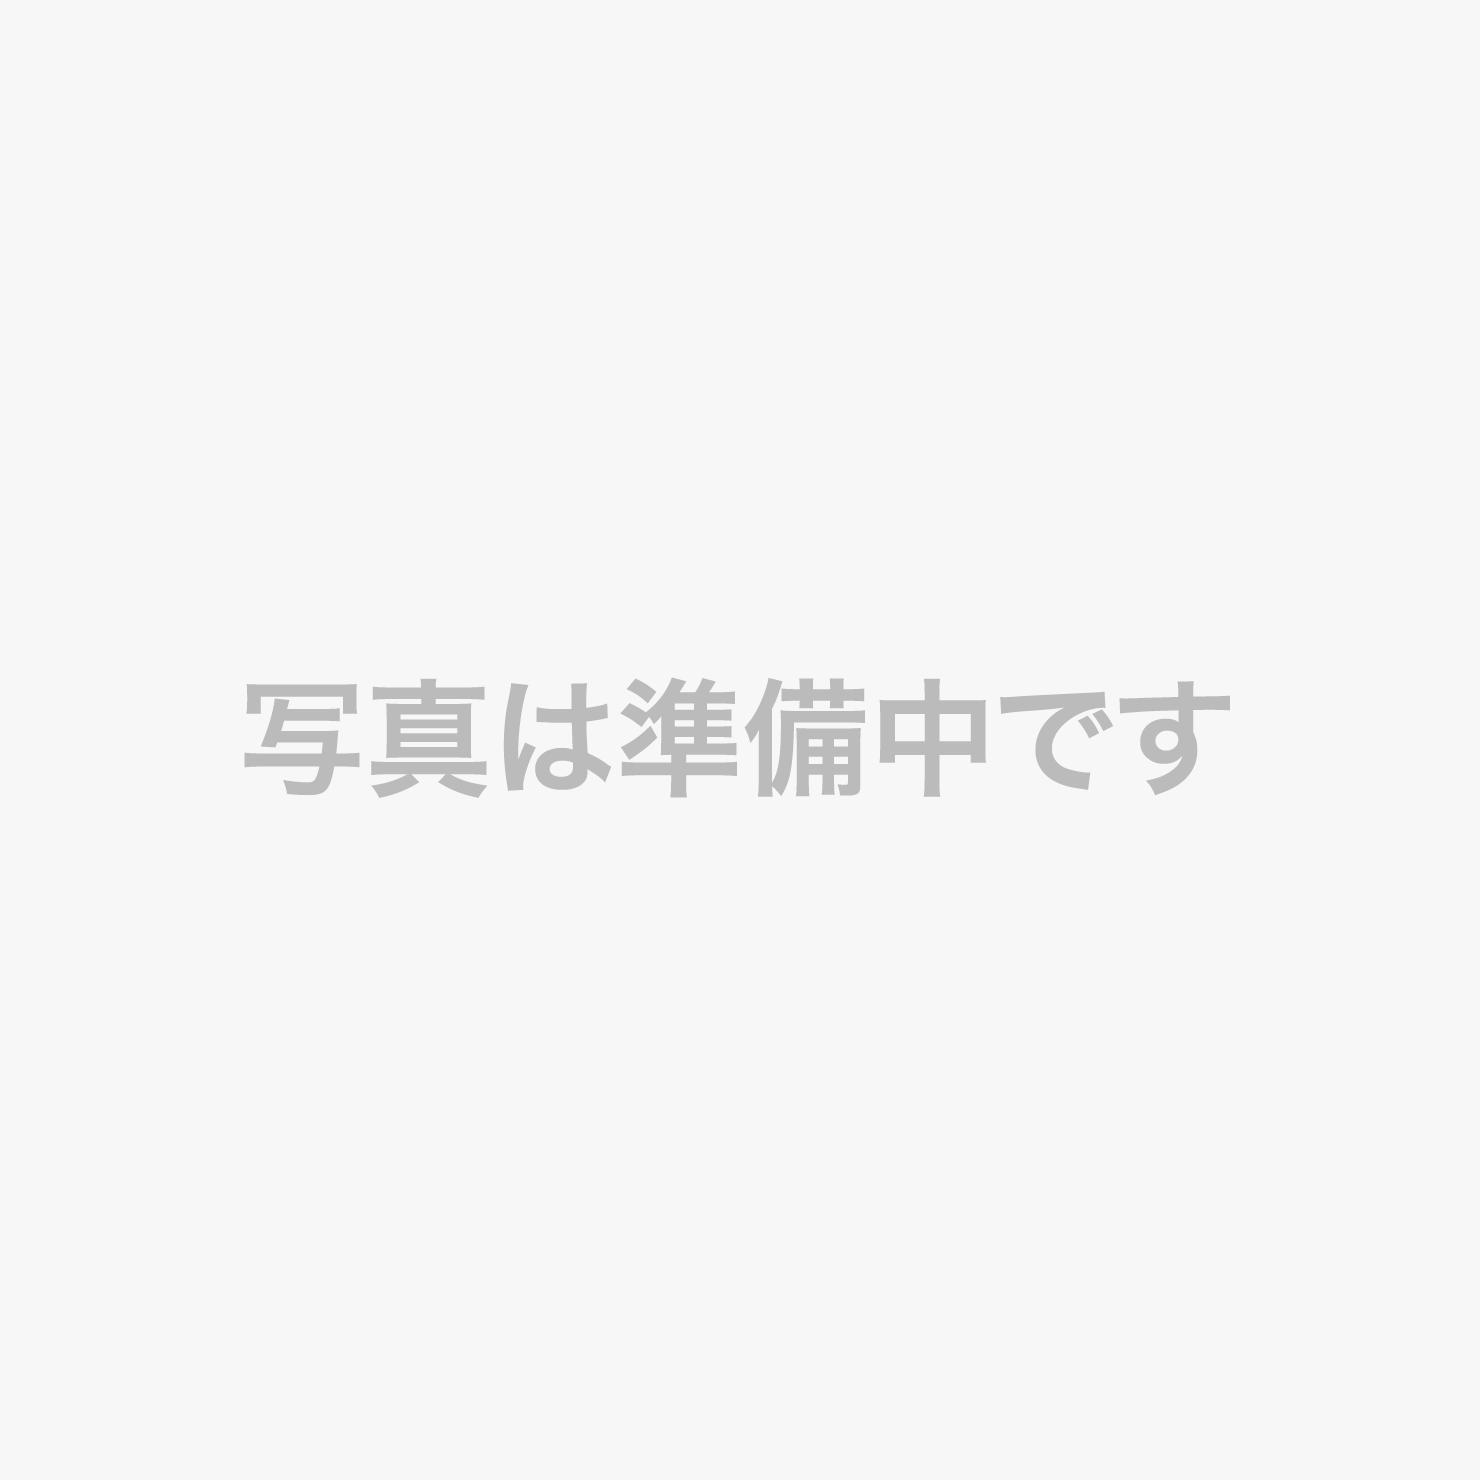 揚げたての天麩羅コース